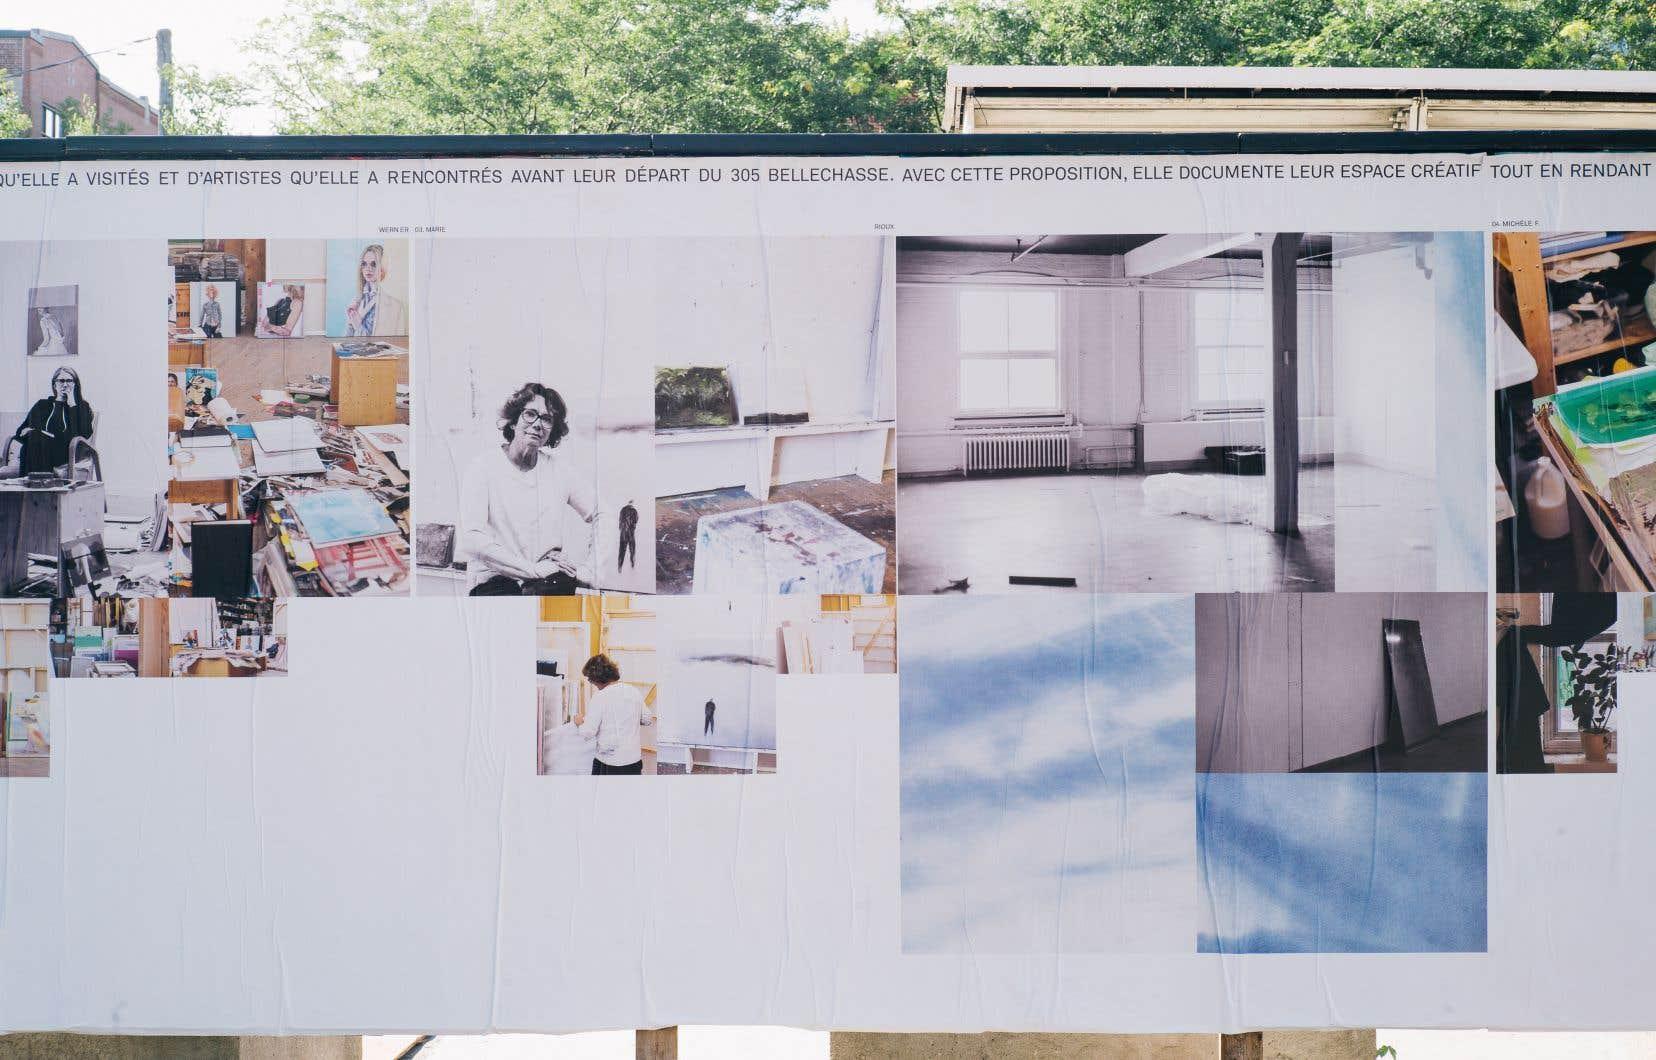 Le projet de Sandra Larochelle relate ses rencontres avec une douzaine d'artistes.